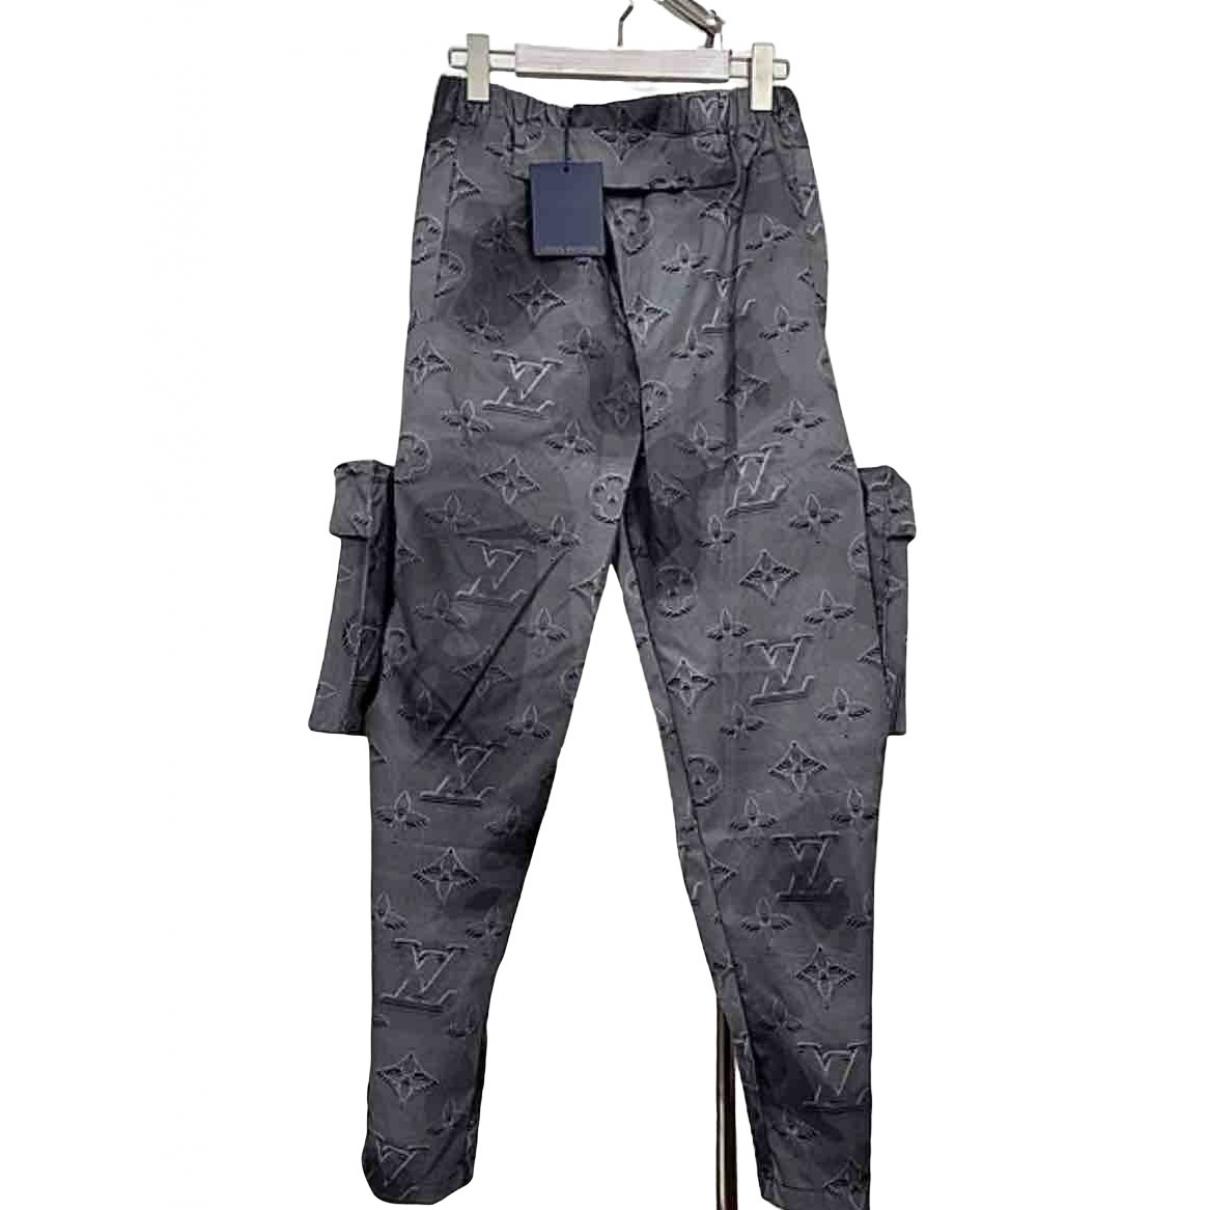 Pantalones en Sintetico Gris Louis Vuitton